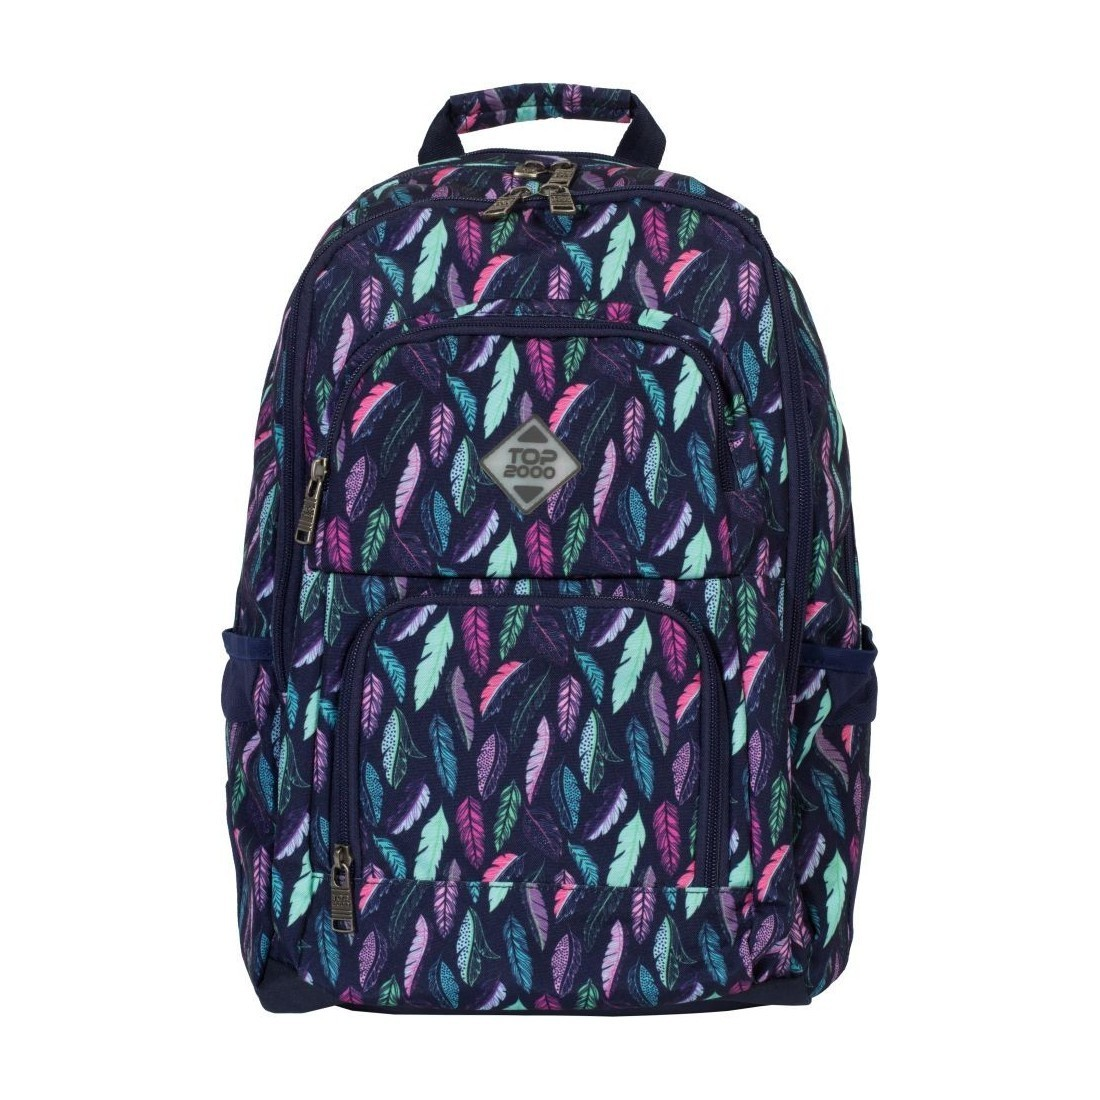 231823f744420 Plecak do szkoły na laptop, miętowe i różowe pióra - Feathers TOP-2000 Zibal